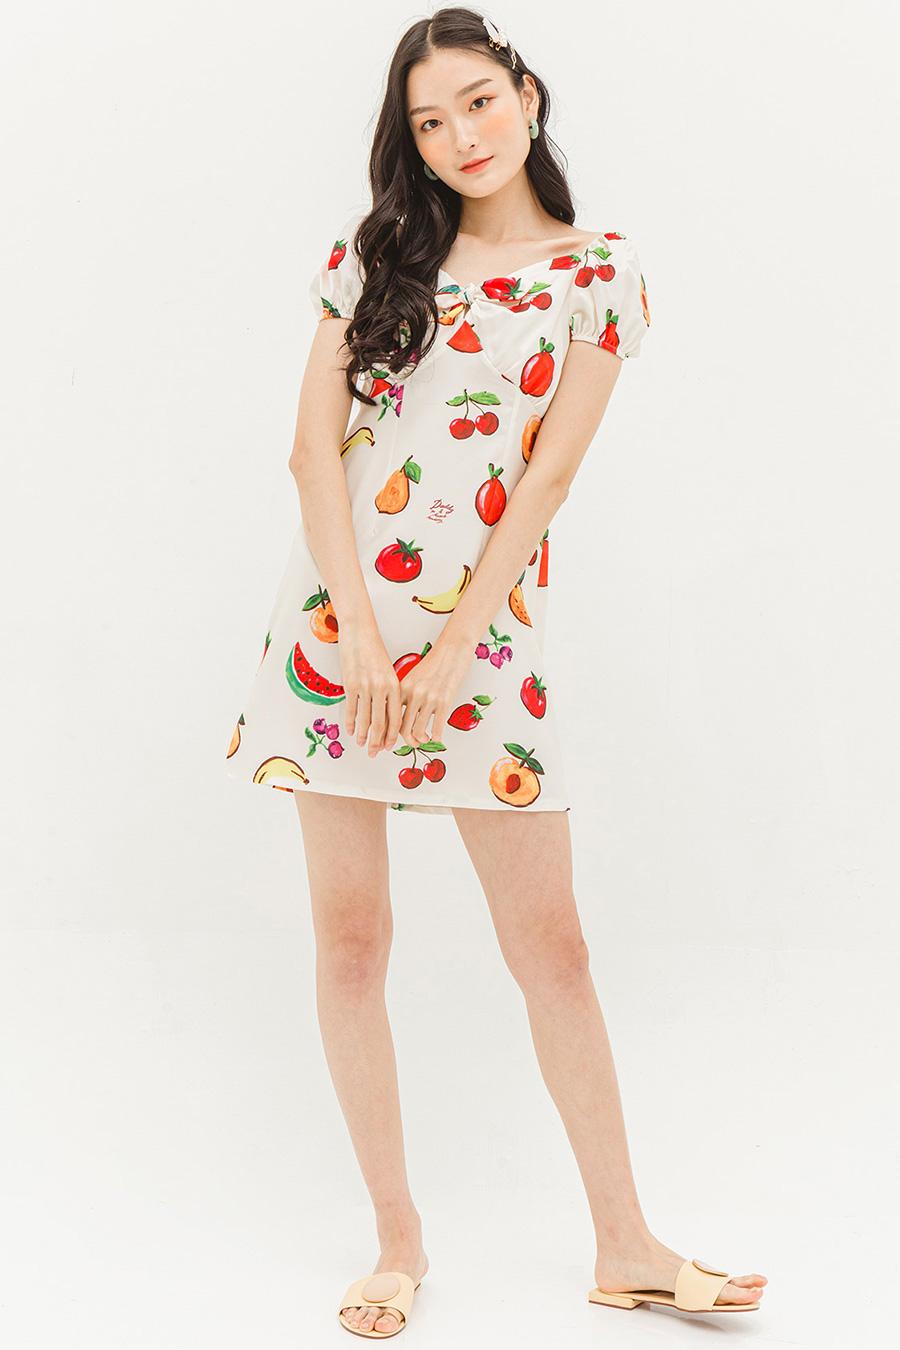 CLEO DRESS - FRUIT PARADISE